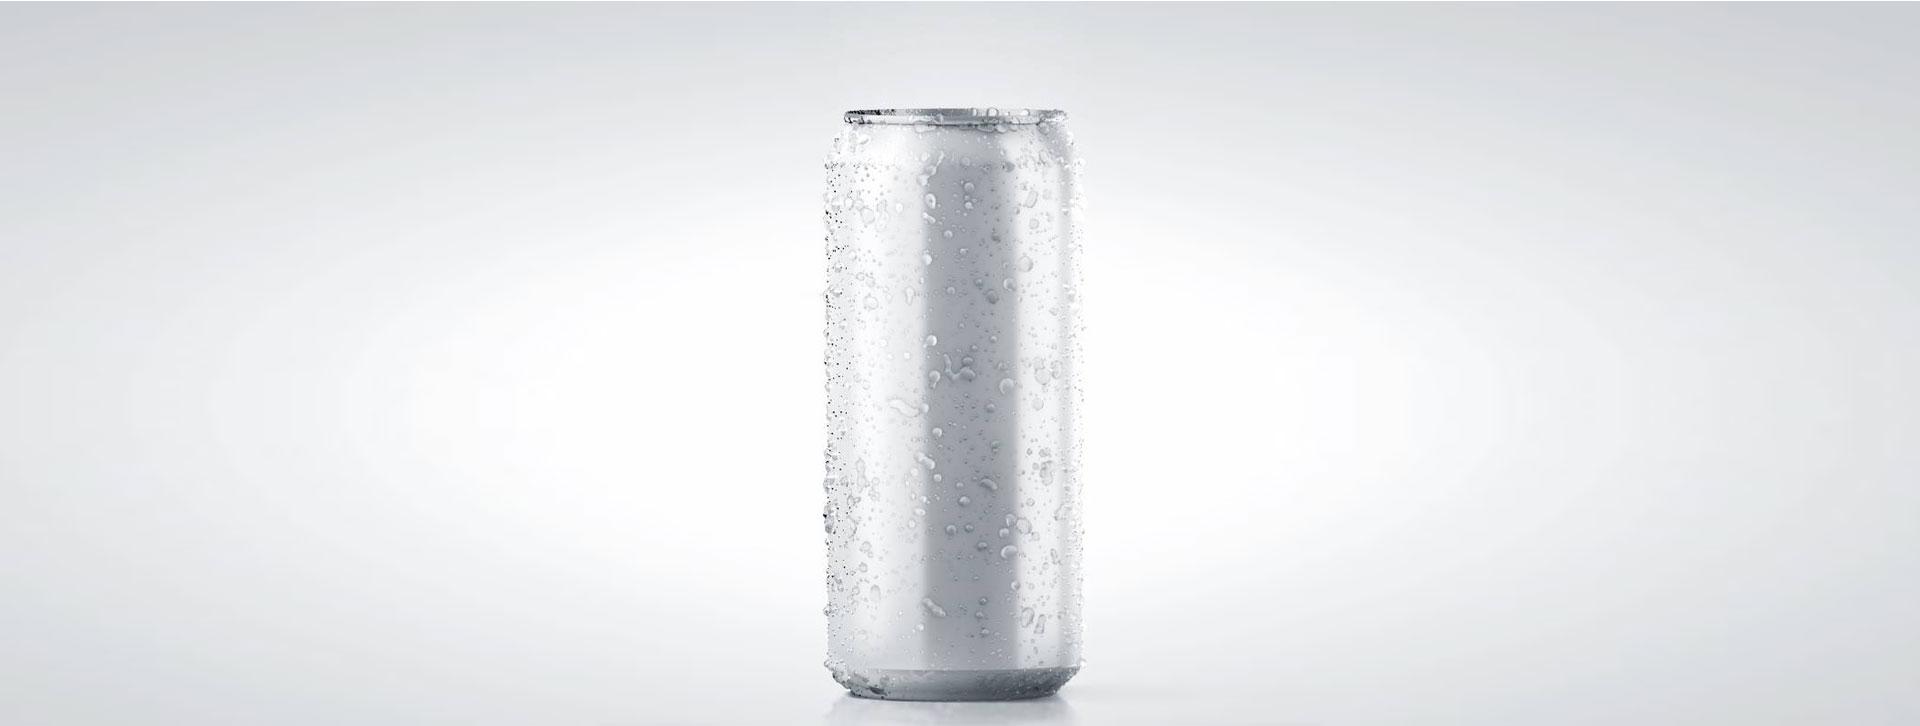 systèmes de palettisation pour boites en aluminium